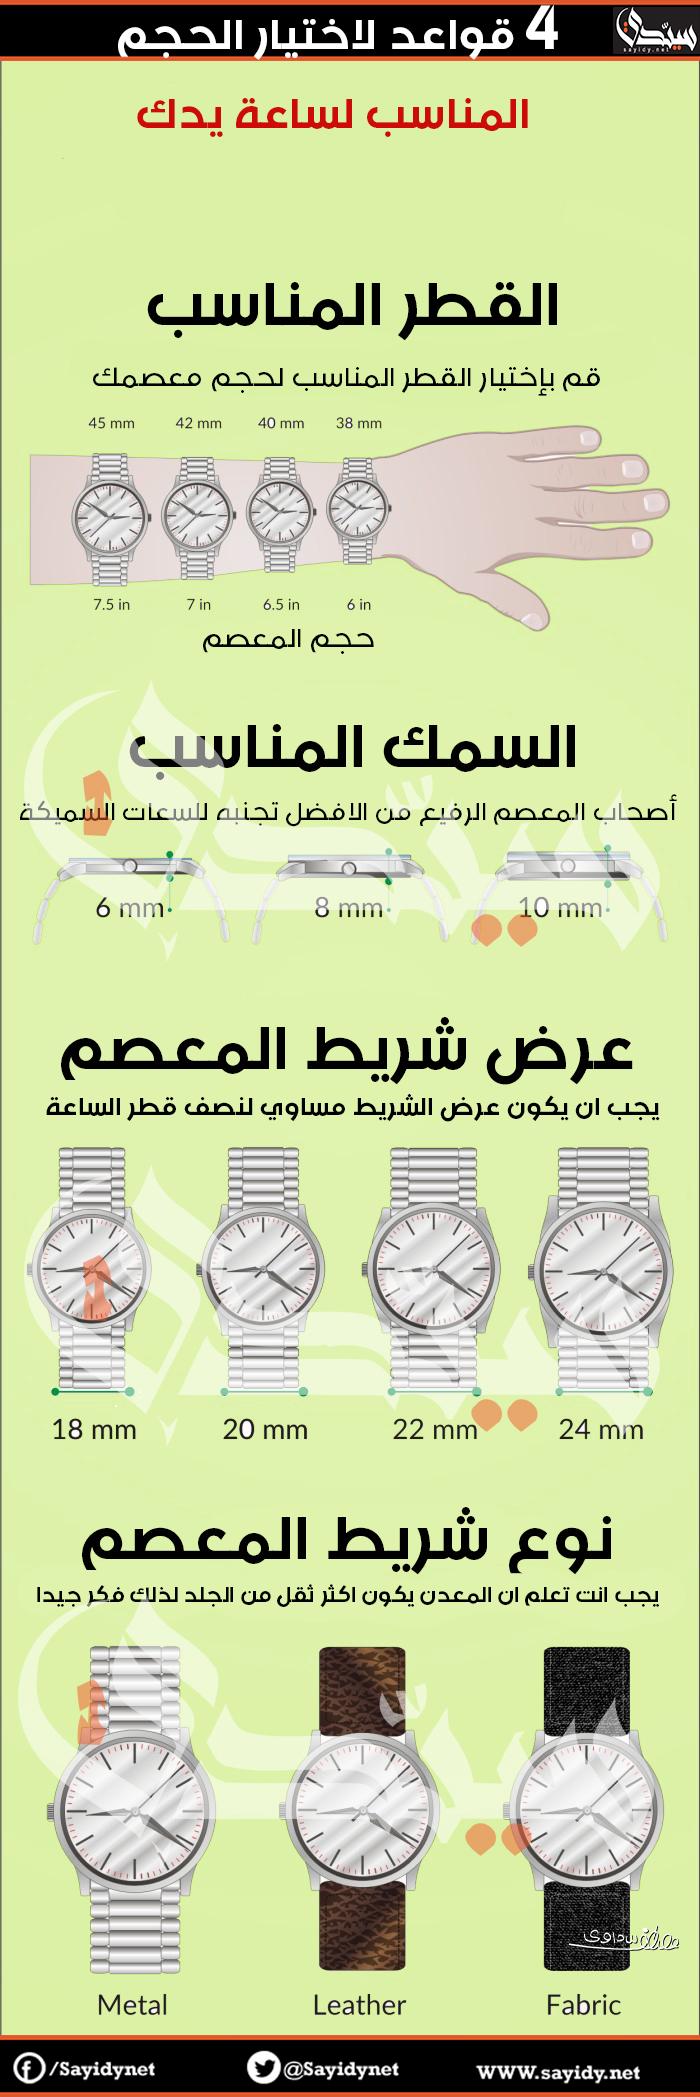 دليلك لاختيار الساعة المناسبة بدقة